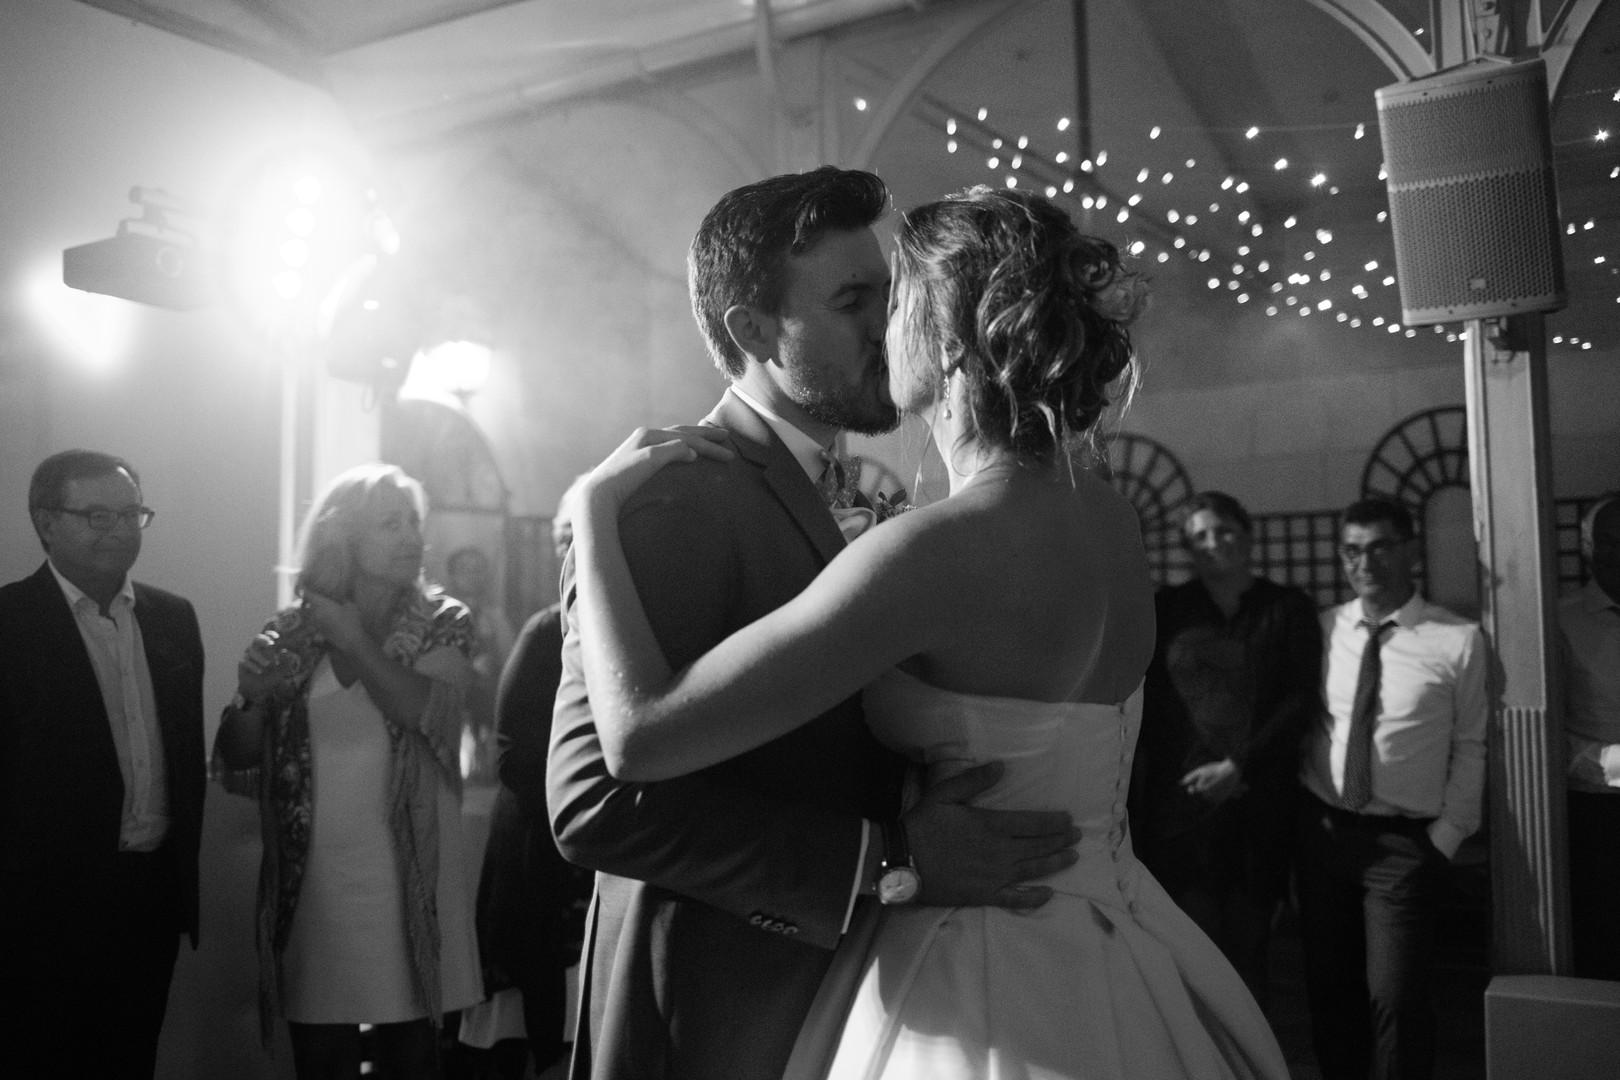 frist dance première danse mariage lovers couple  brides photography photographie